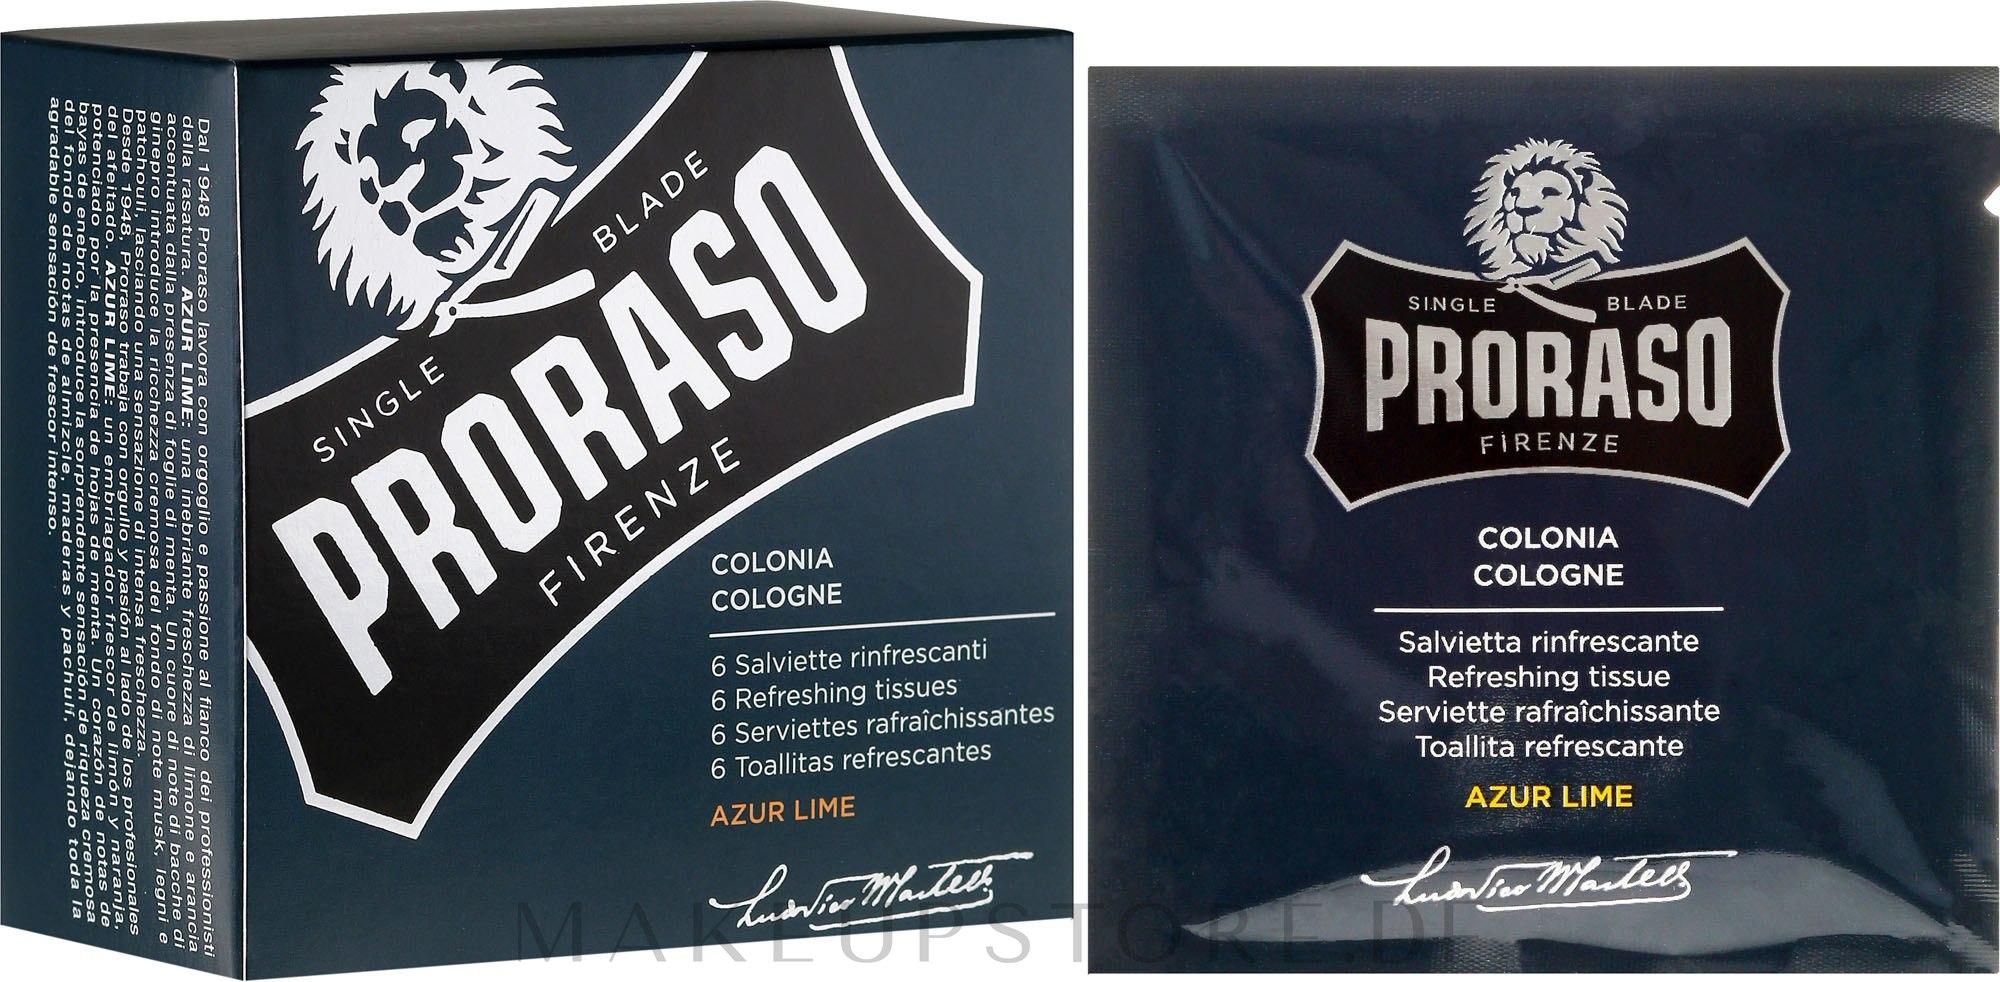 Erfrischende Feuchttücher für Bart und Gesicht mit Azur Limettenduft - Cologne Refreshing Tissues Azur Lime — Bild 6 St..